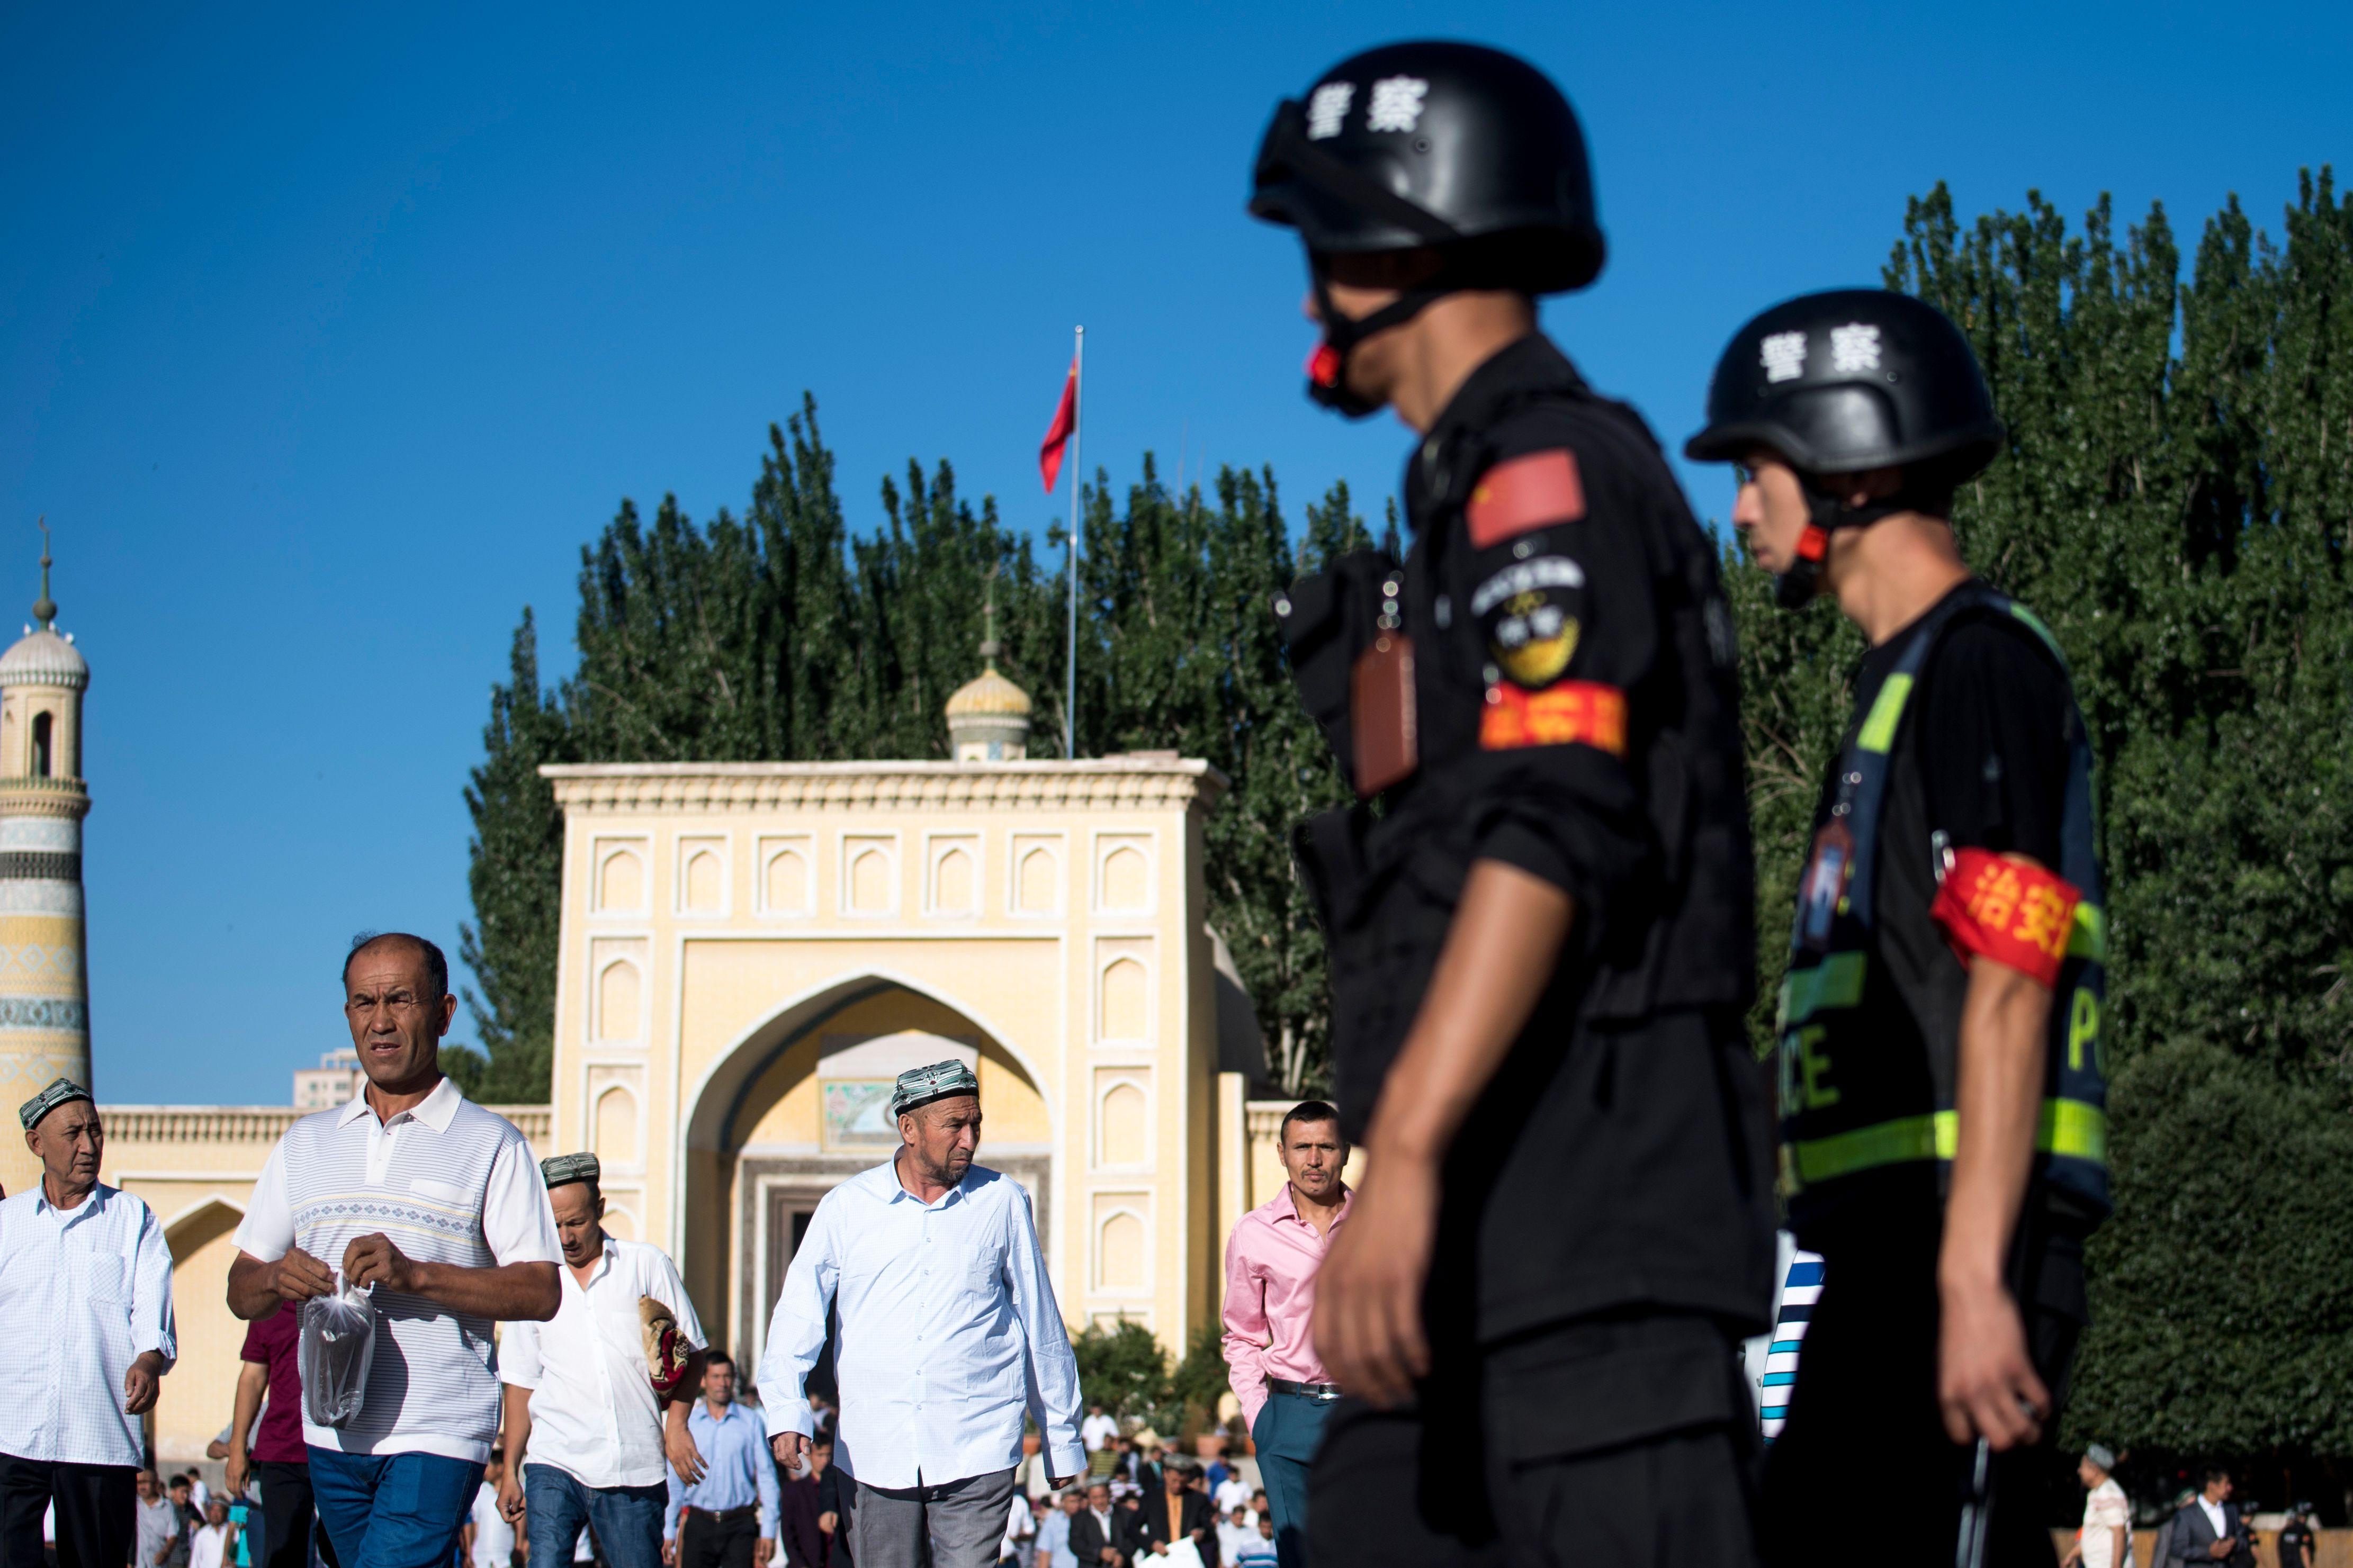 美東時間周三(4月3日),四十多位兩黨國會議員致函特朗普政府高級官員,要求對涉嫌侵犯穆斯林人權的中共採取嚴厲的制裁措施,實施對像包括中共高級官員(陳全國)及中國公司。 (JOHANNES EISELE/AFP/Getty Images)